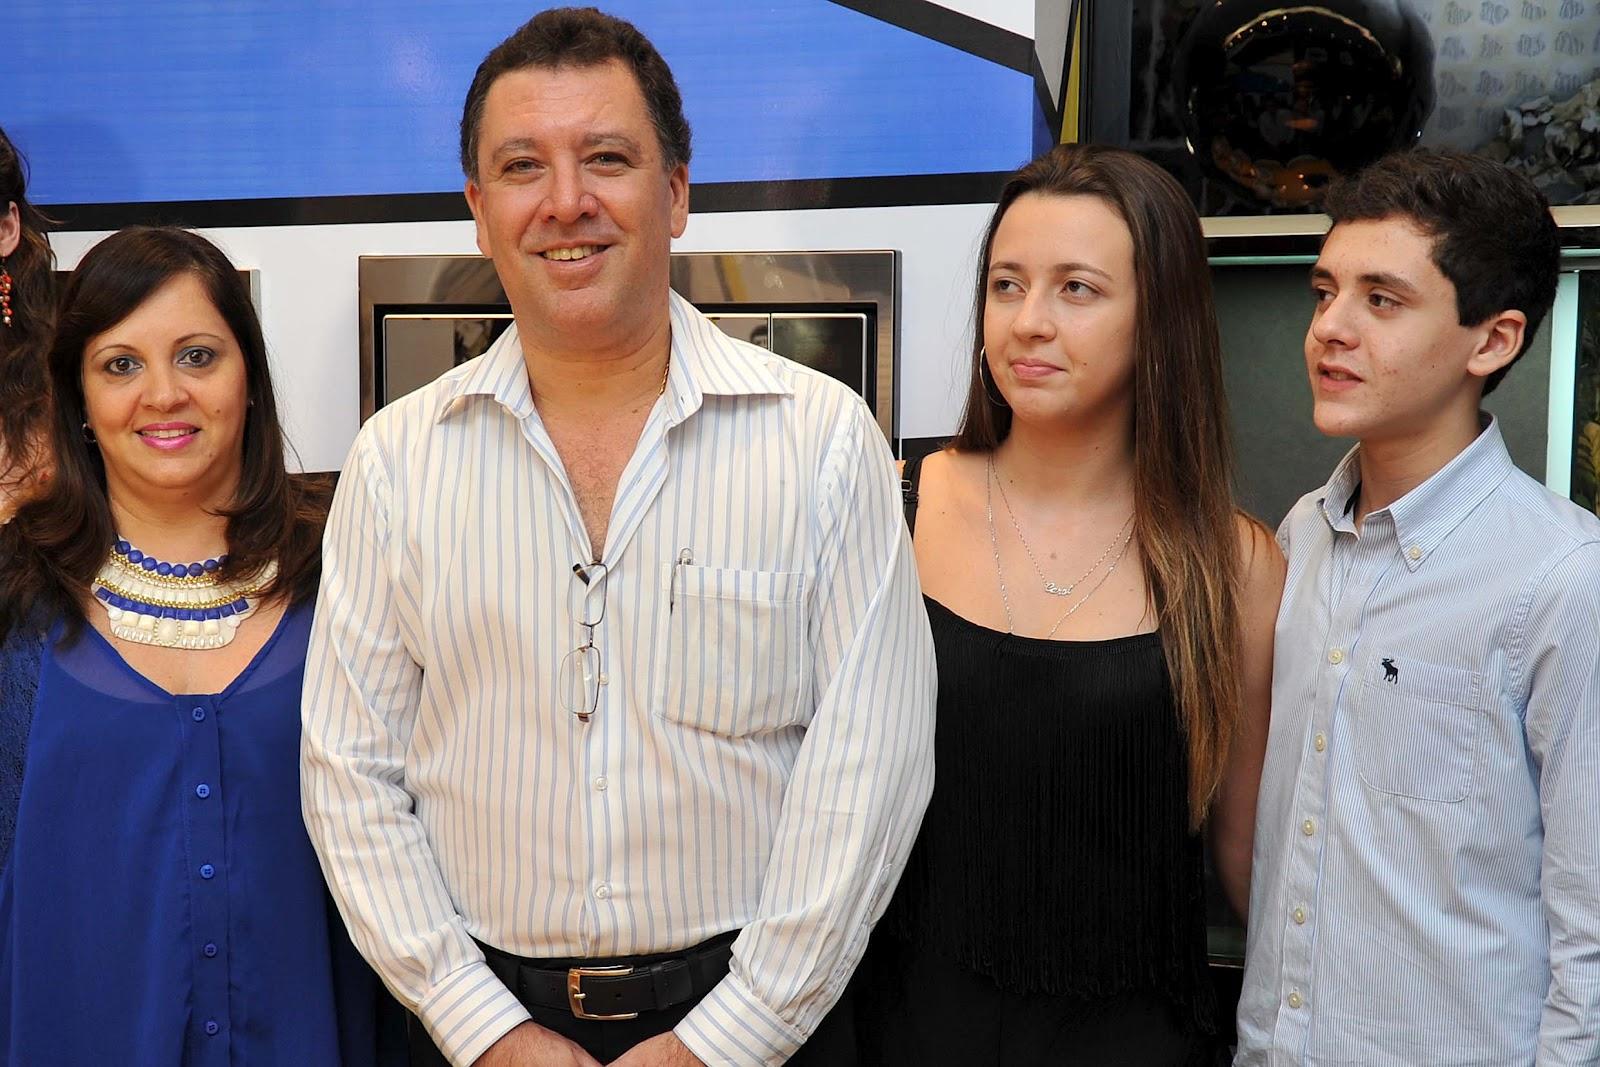 71f1b98c92 Agradeço aos amigos que foram prestigiar a abertura da Cozinha Gourmet da  Arquidecor que homenageia minha pessoa e minha história com o Santos FC.